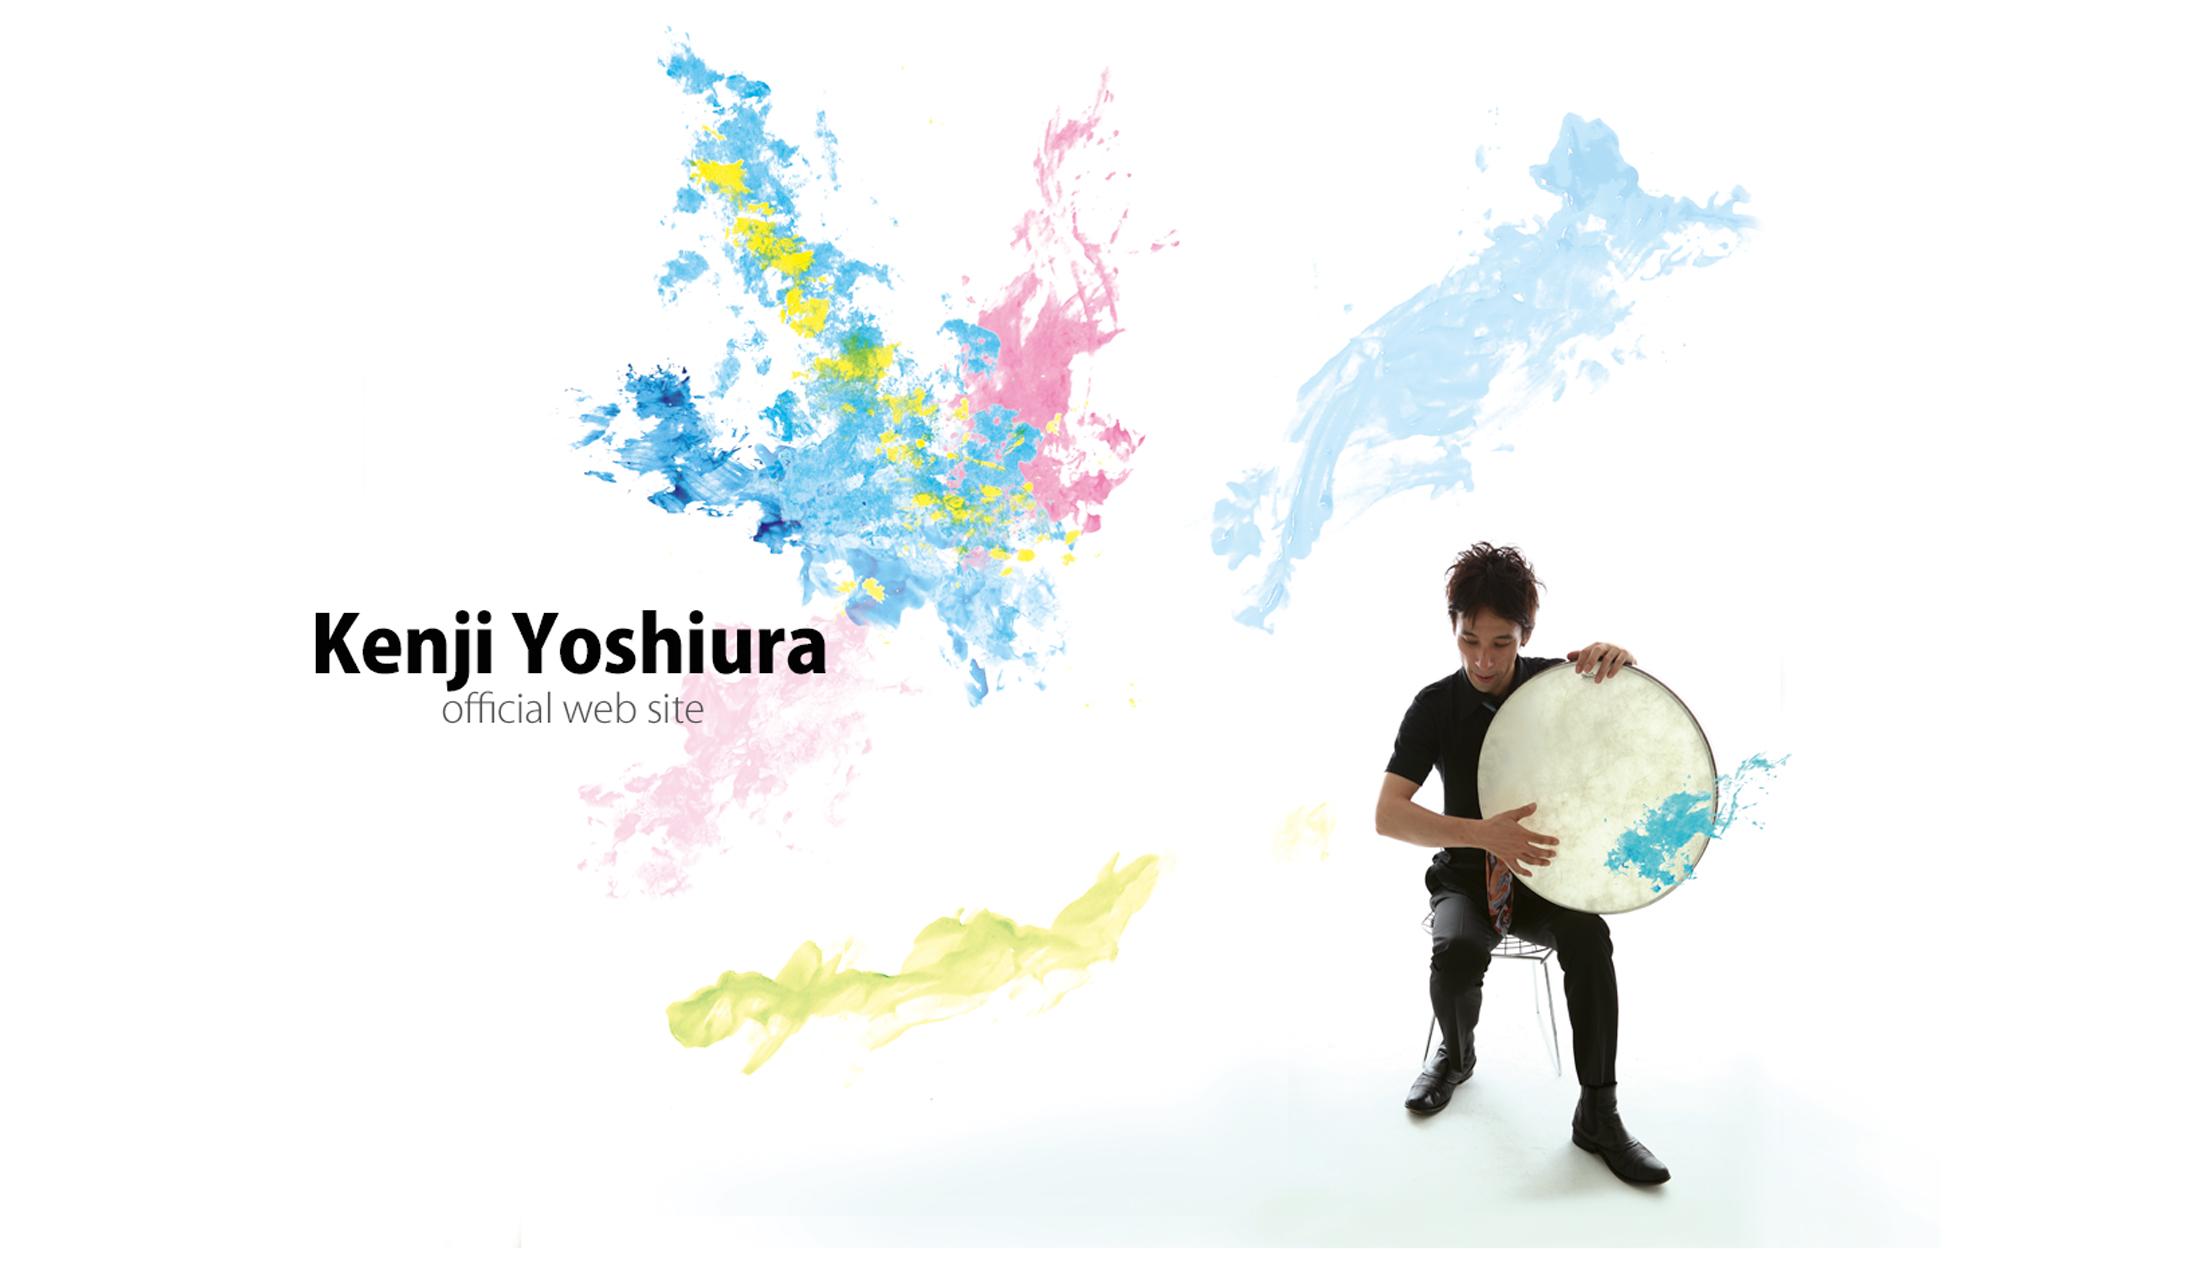 Kenji Yoshiura